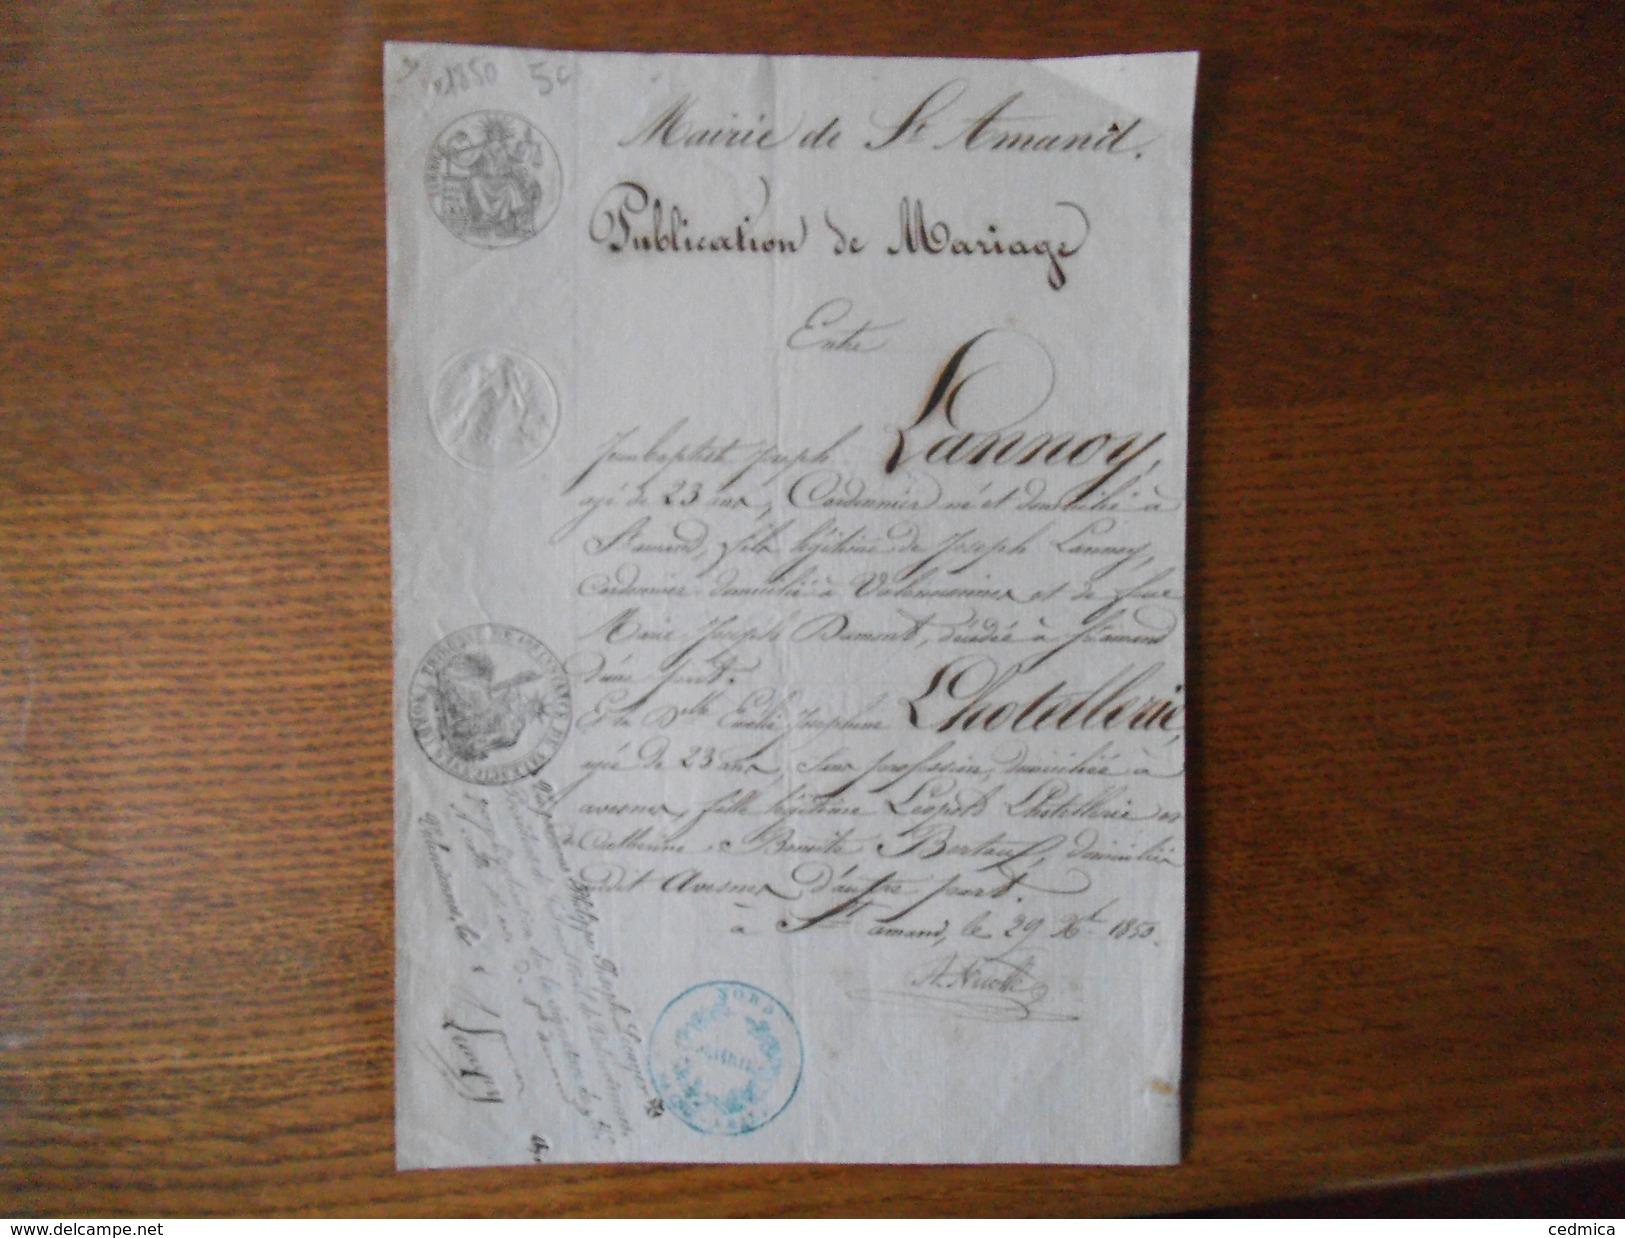 SAINT AMAND MAIRIE COURRIER DU 29 Xbre 1850 LE MAIRE A.NICOLLE PUBLICATION DE MARIAGE J .B. LANNOY EMILIE LHOTELLERIE - Manuscrits